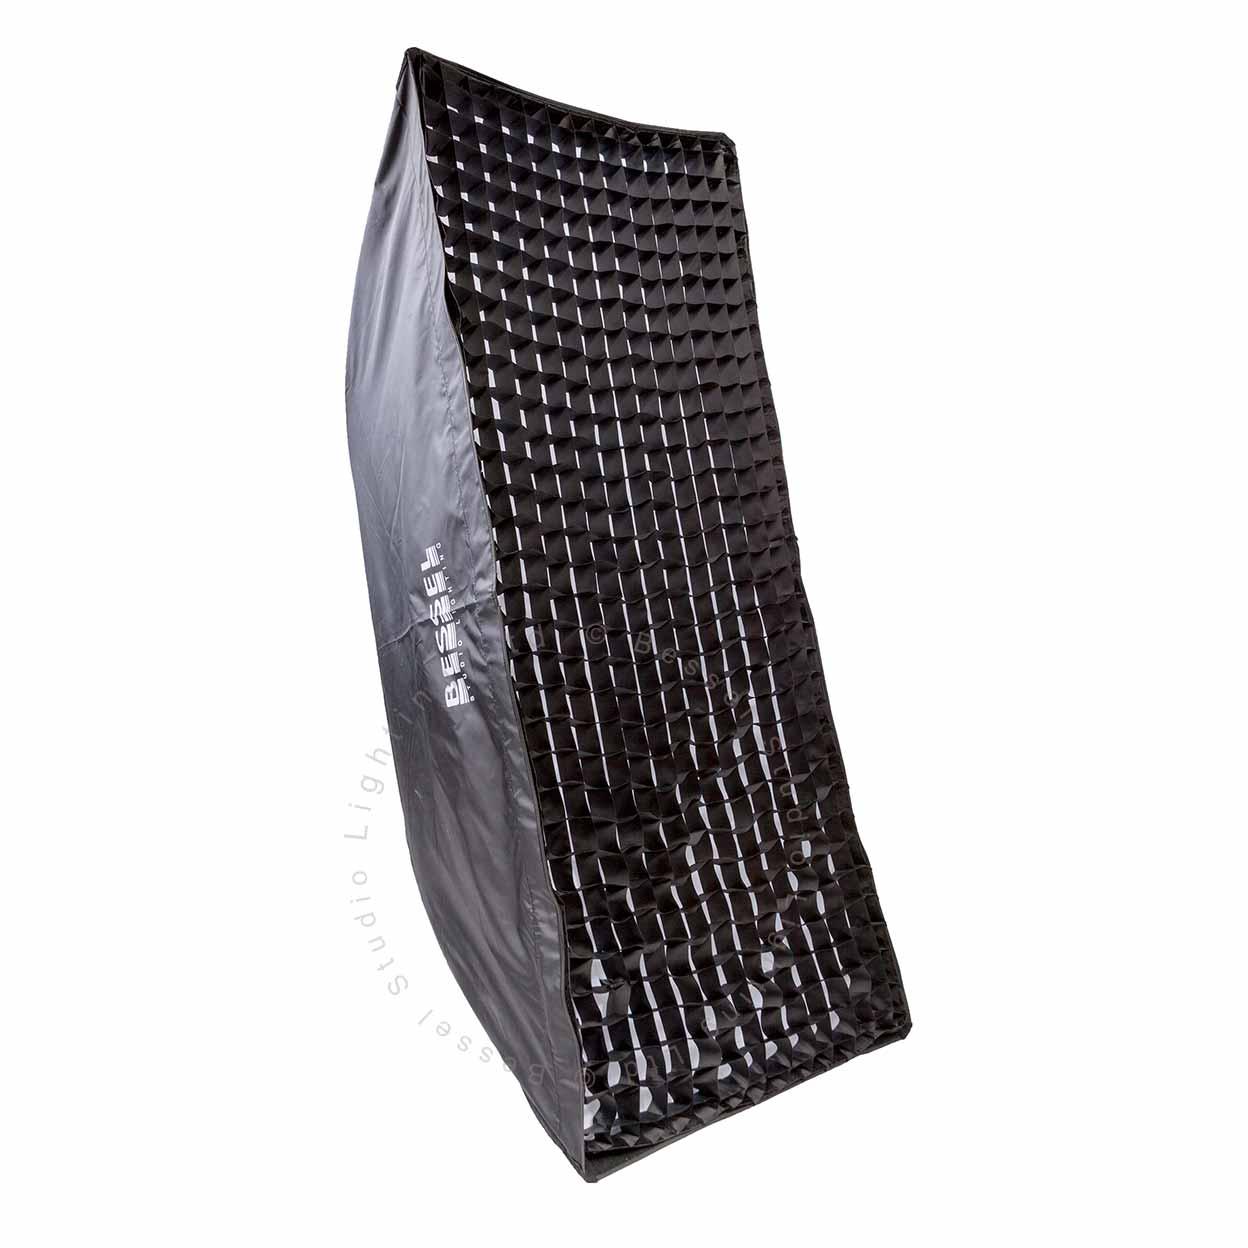 Bessel 140cm X 60cm Softbox Con 2 Difusores Y 4cm Rejilla Elinchrom ajuste fácil instalación